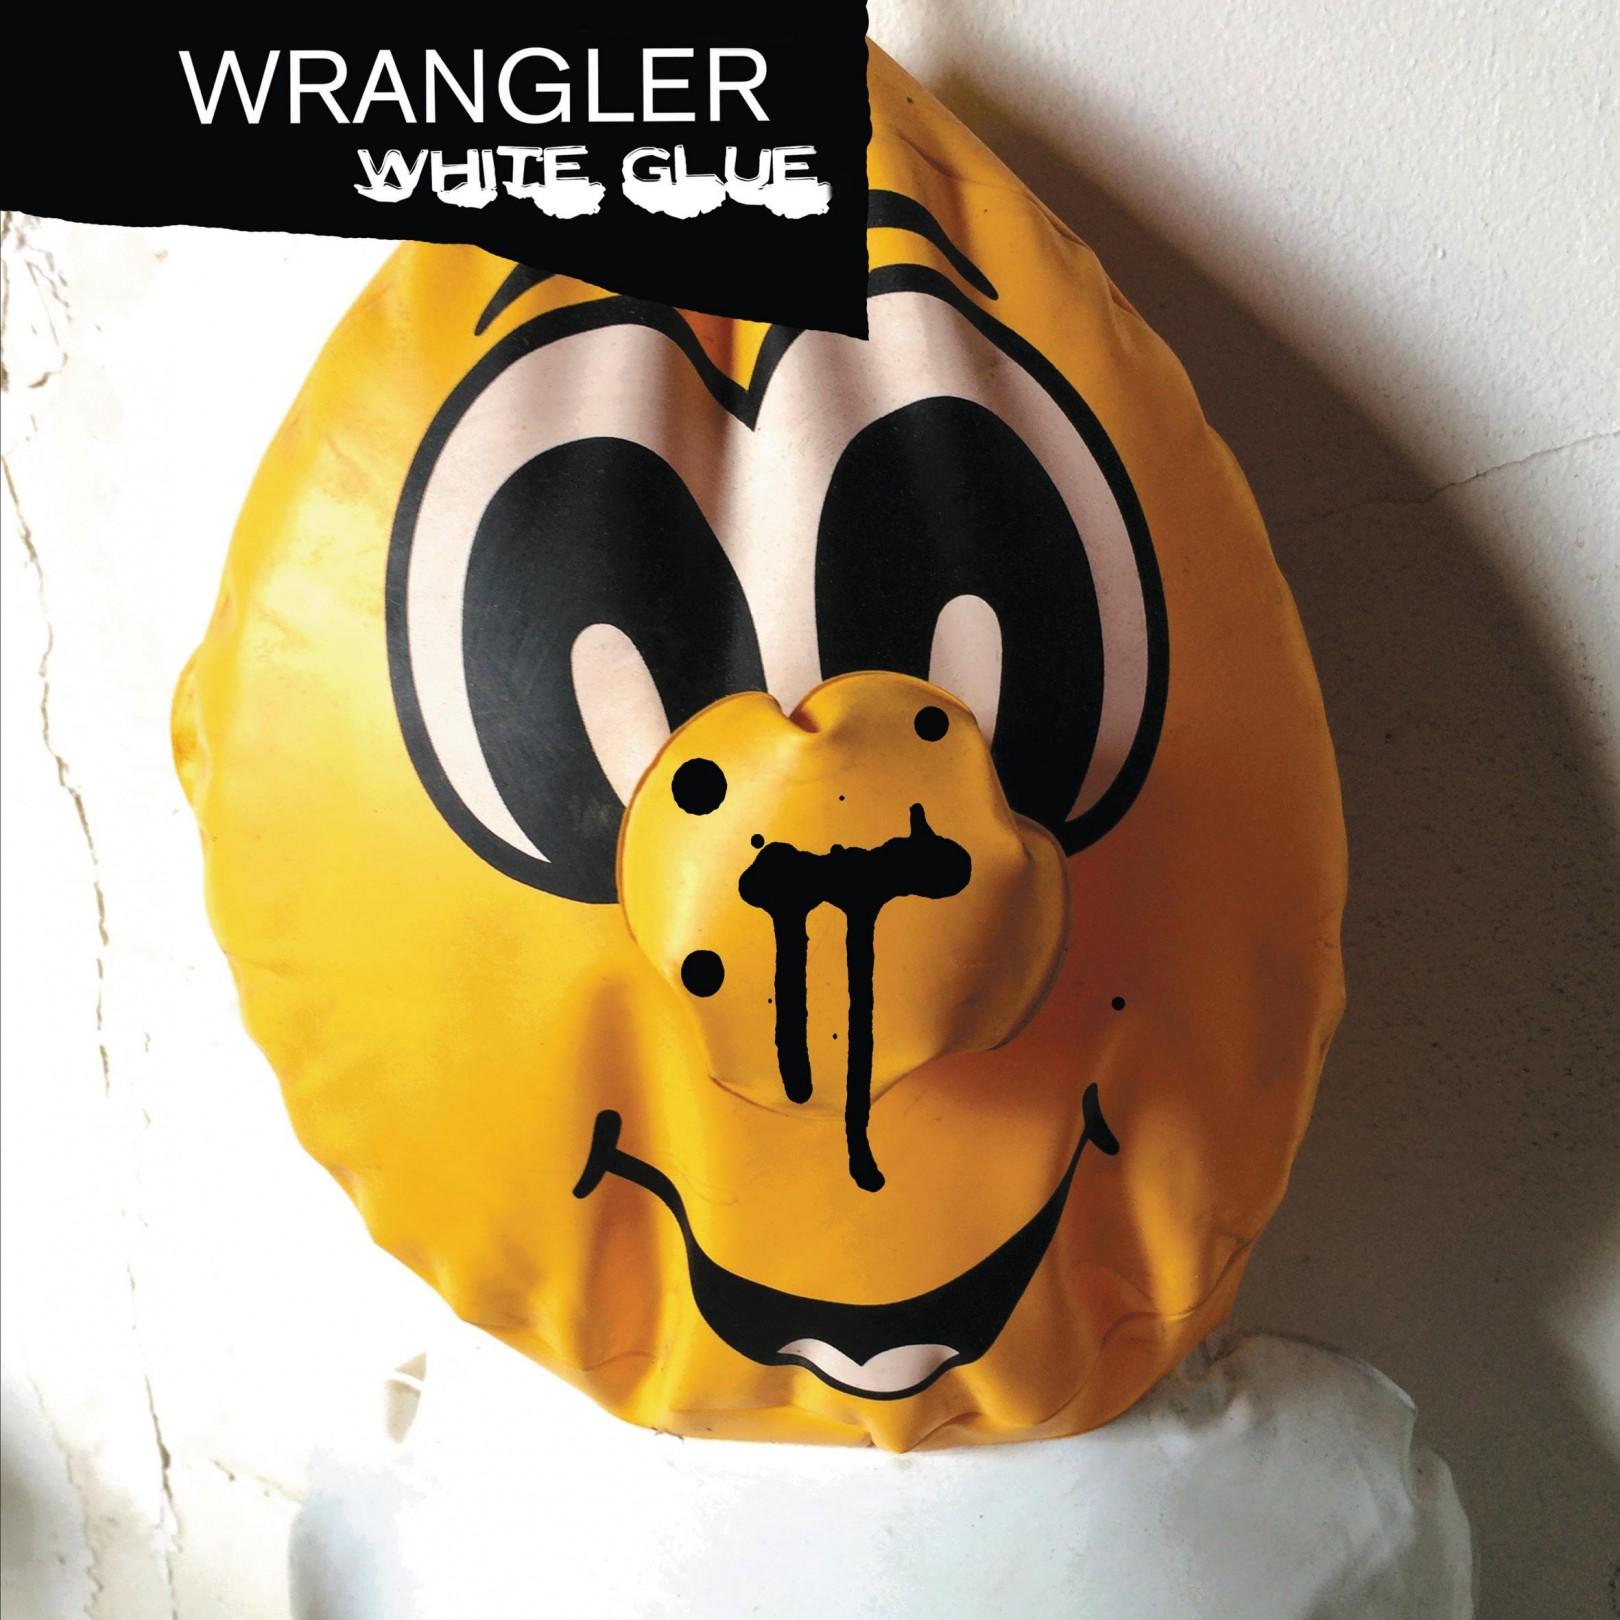 wrangler_whitegluelp_coverartwork-truants